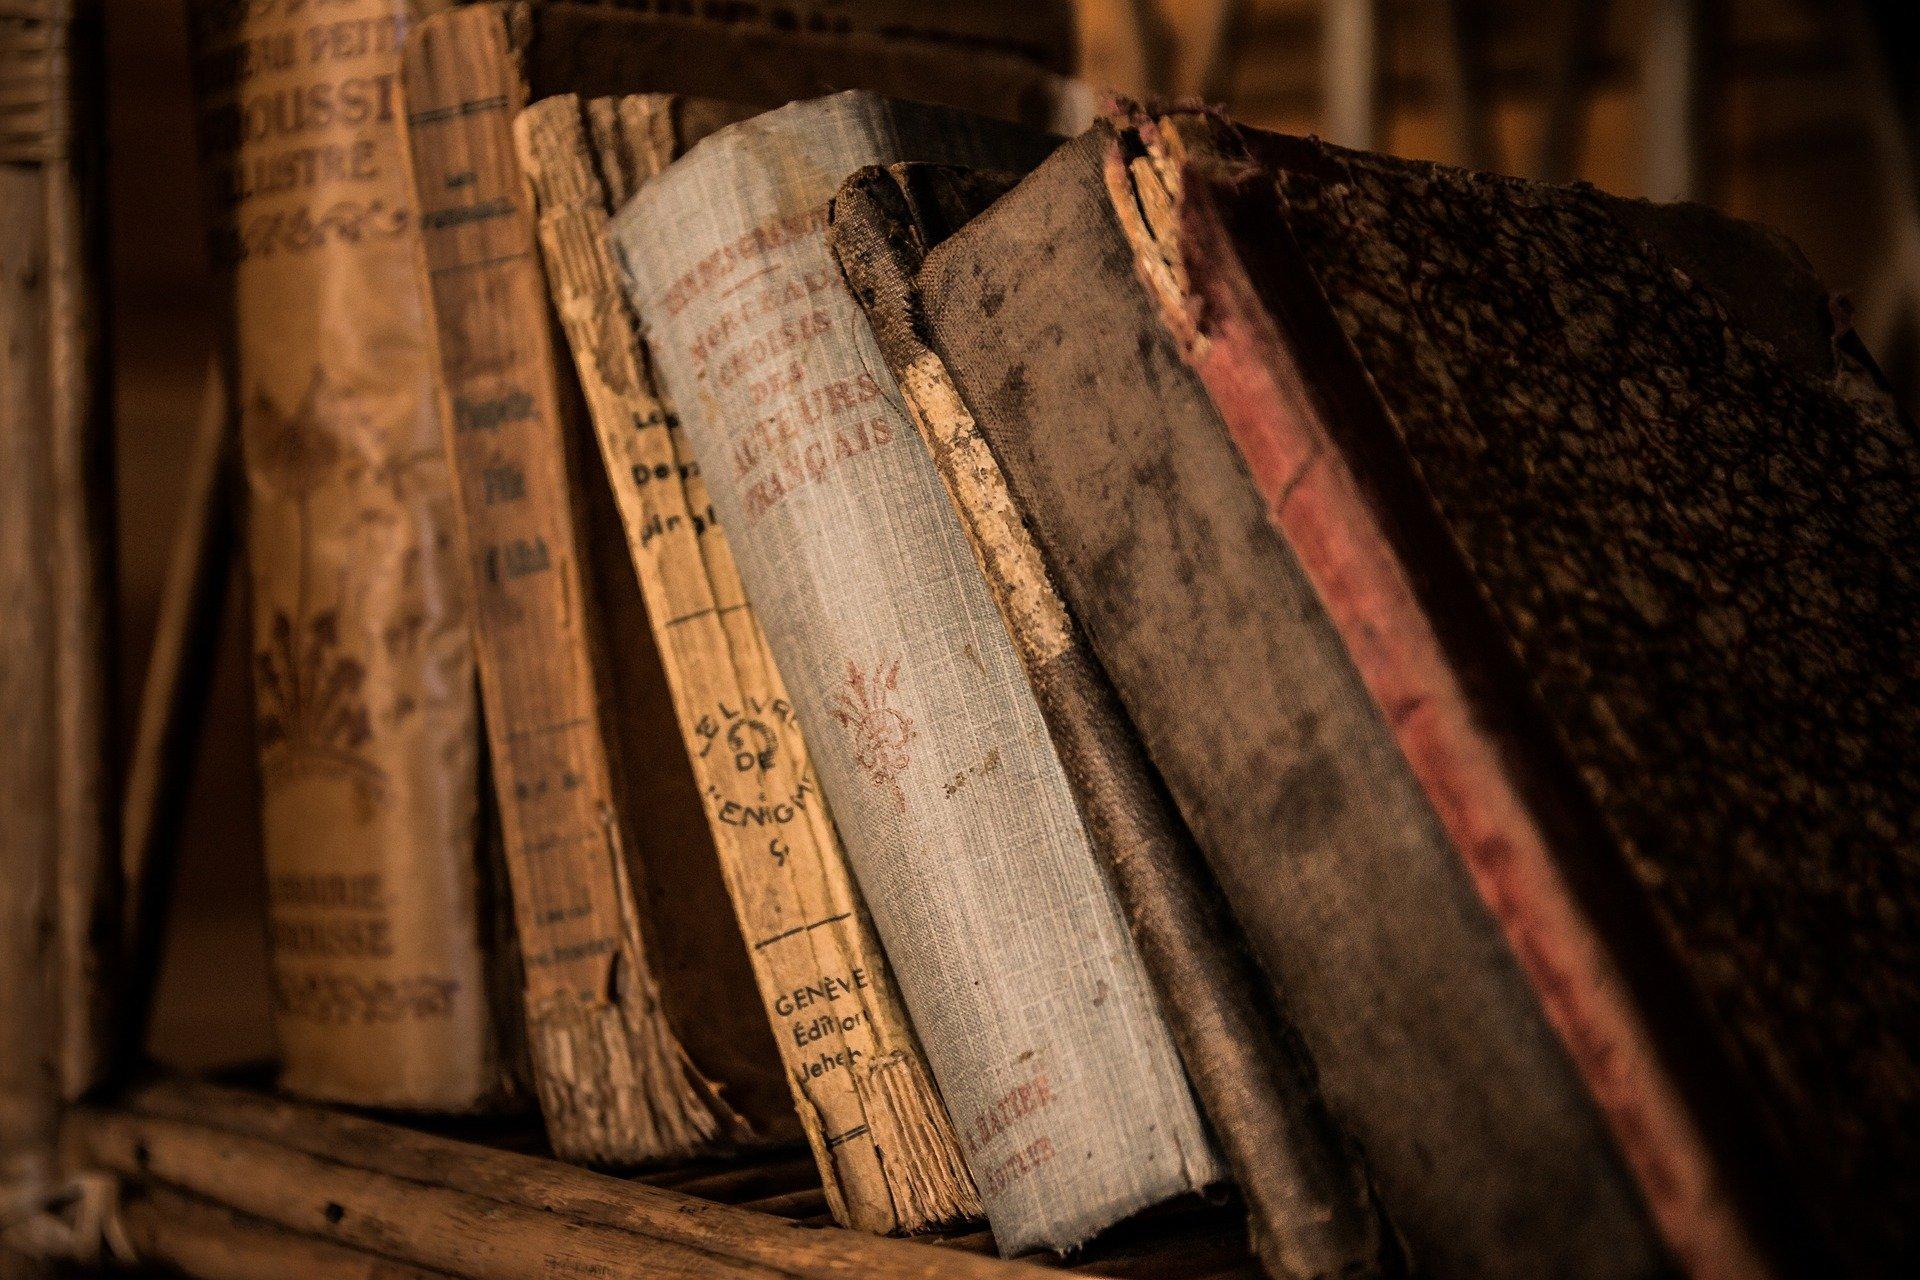 old-books-g3fada8a2f_1920